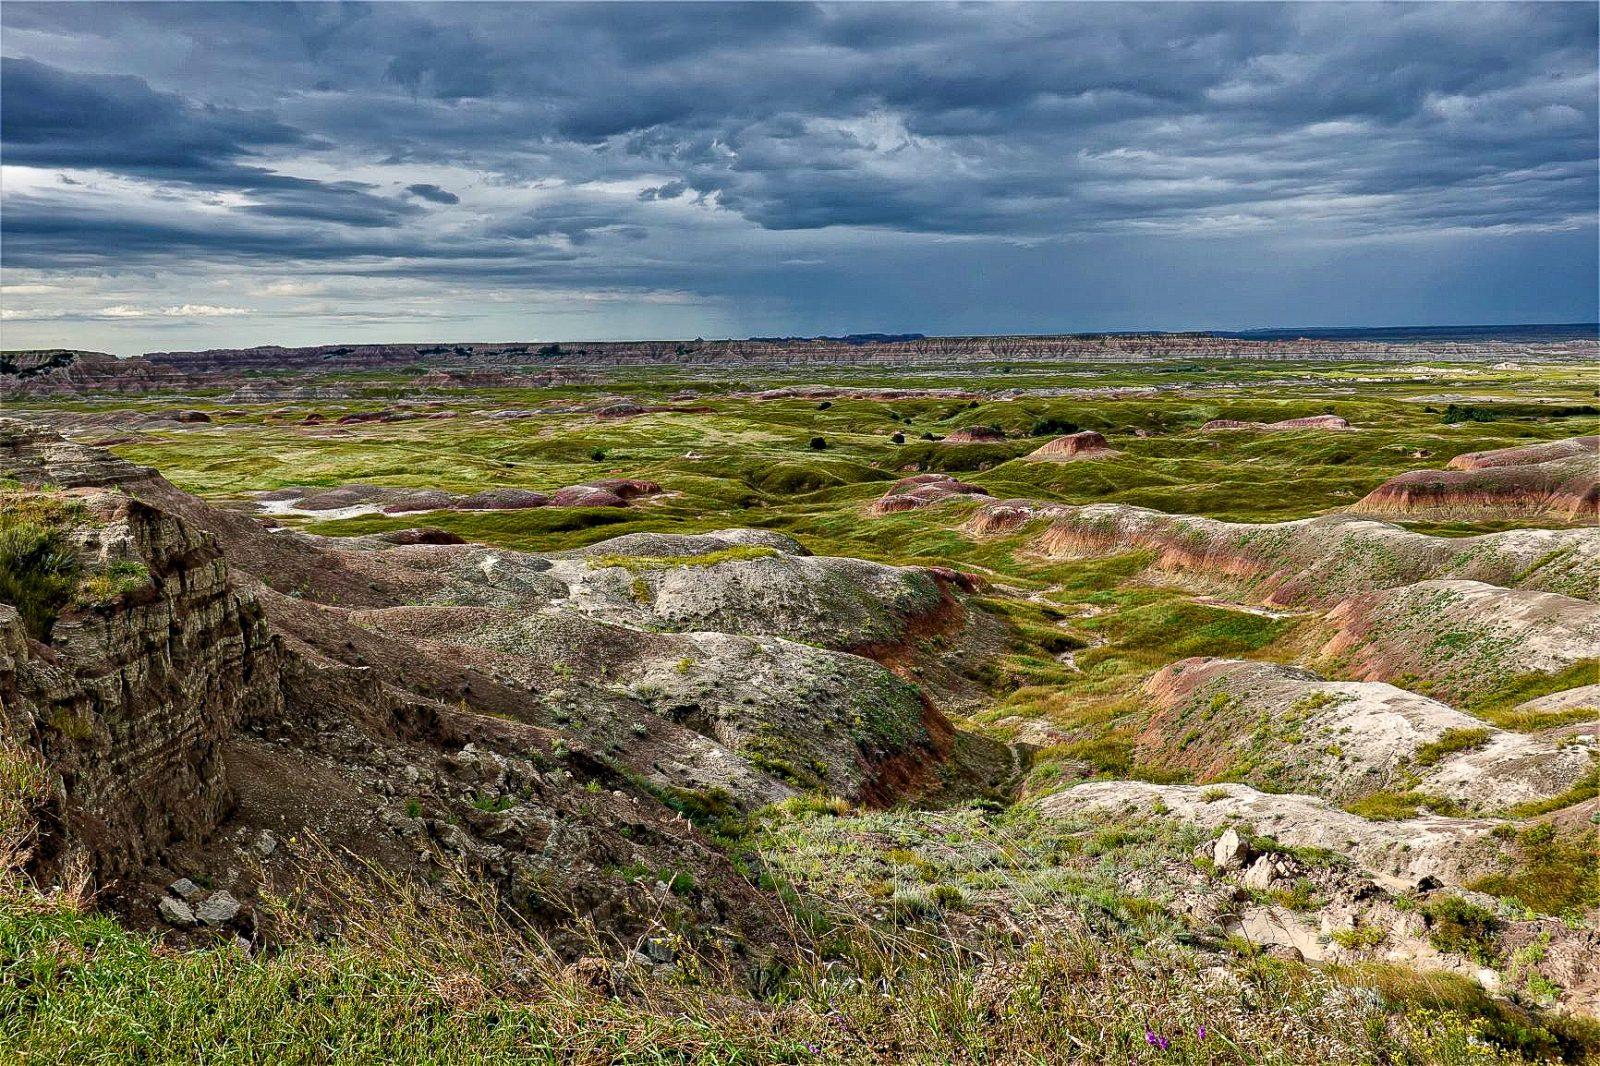 badlands nationalpark eroderte jordplater og præriegress